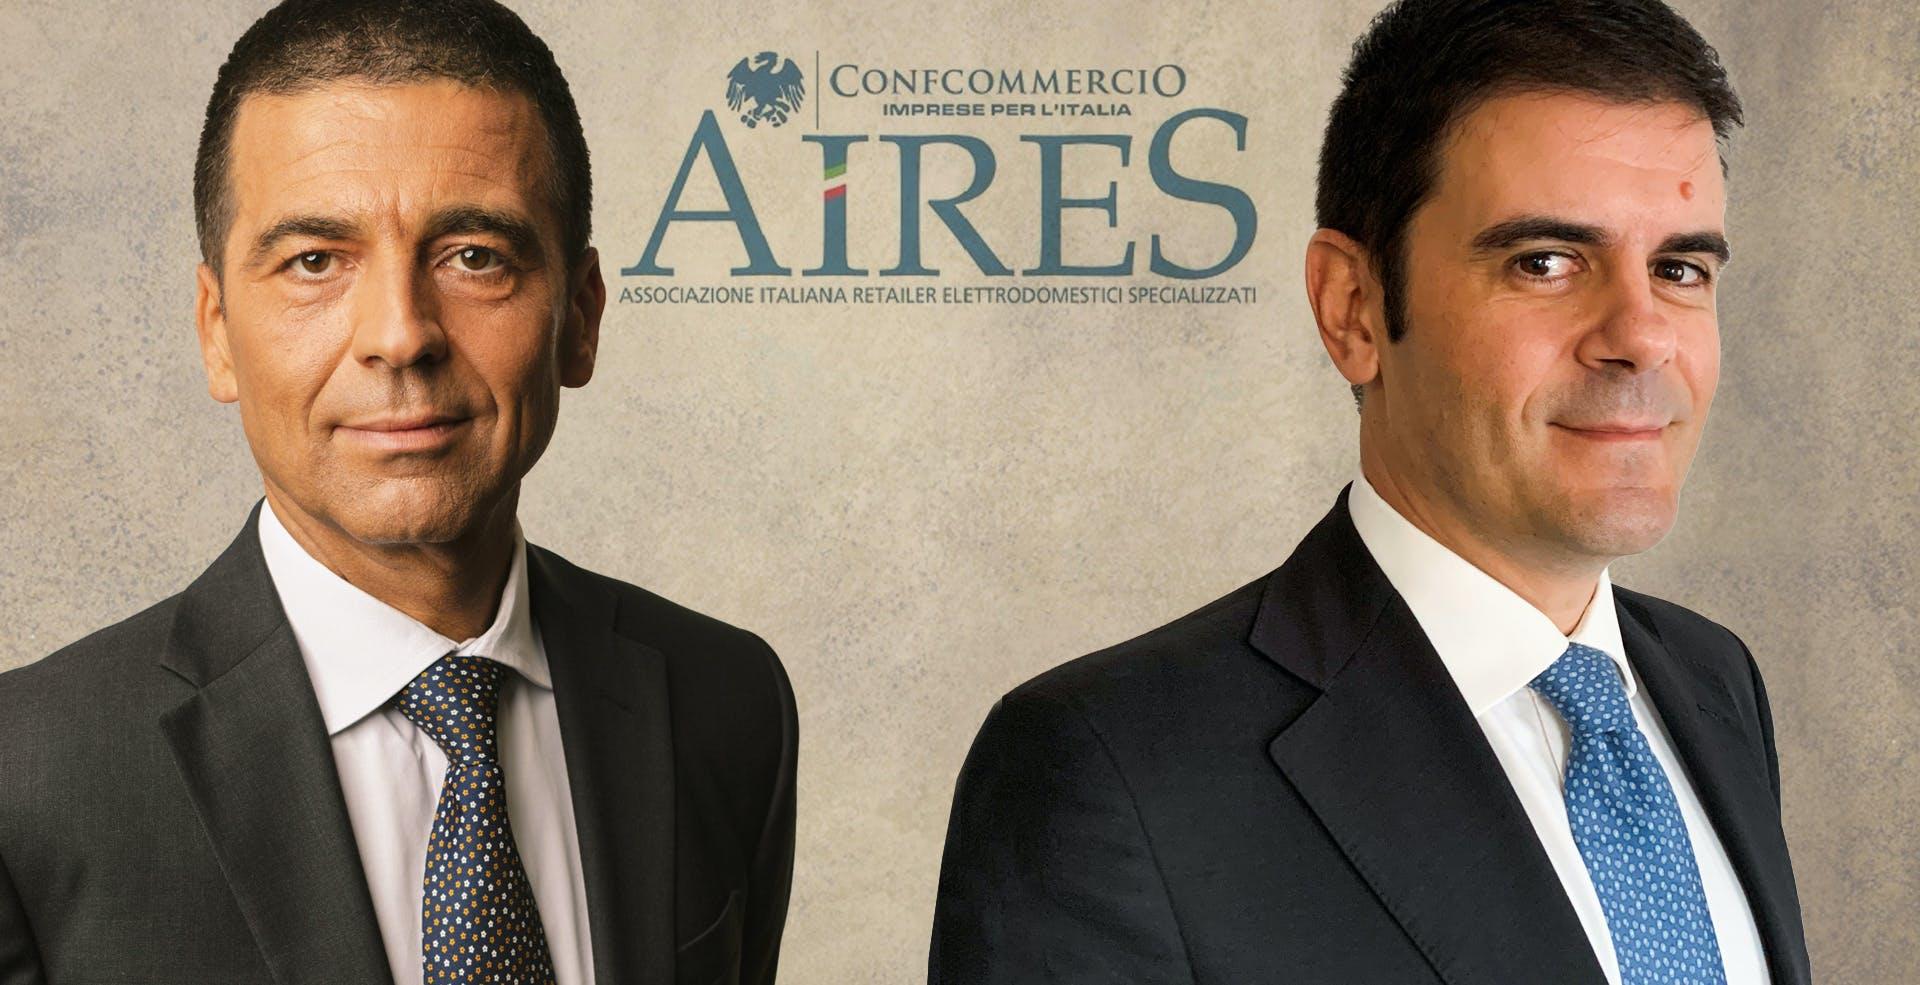 Aires: Scozzoli (Unieuro) confermato alla presidenza. Rientra MediaWorld con Cosimelli, vice-presidente